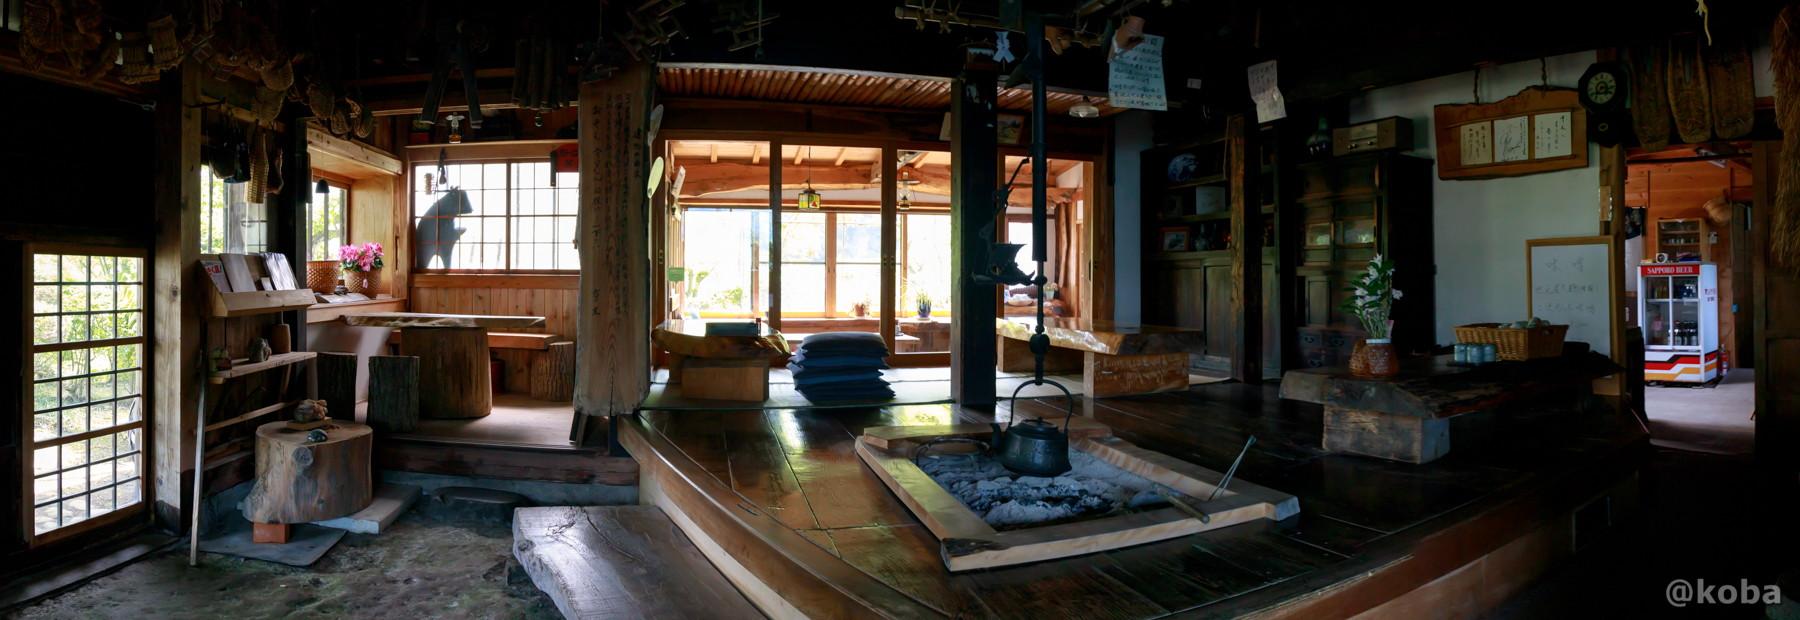 内観 江戸中期の材料を使用して建てられた歴史の深い建物です。│たくみの里 四季の家(しきのいえ)│古民家 蕎麦ランチ│群馬県│こばフォトブログ@koba